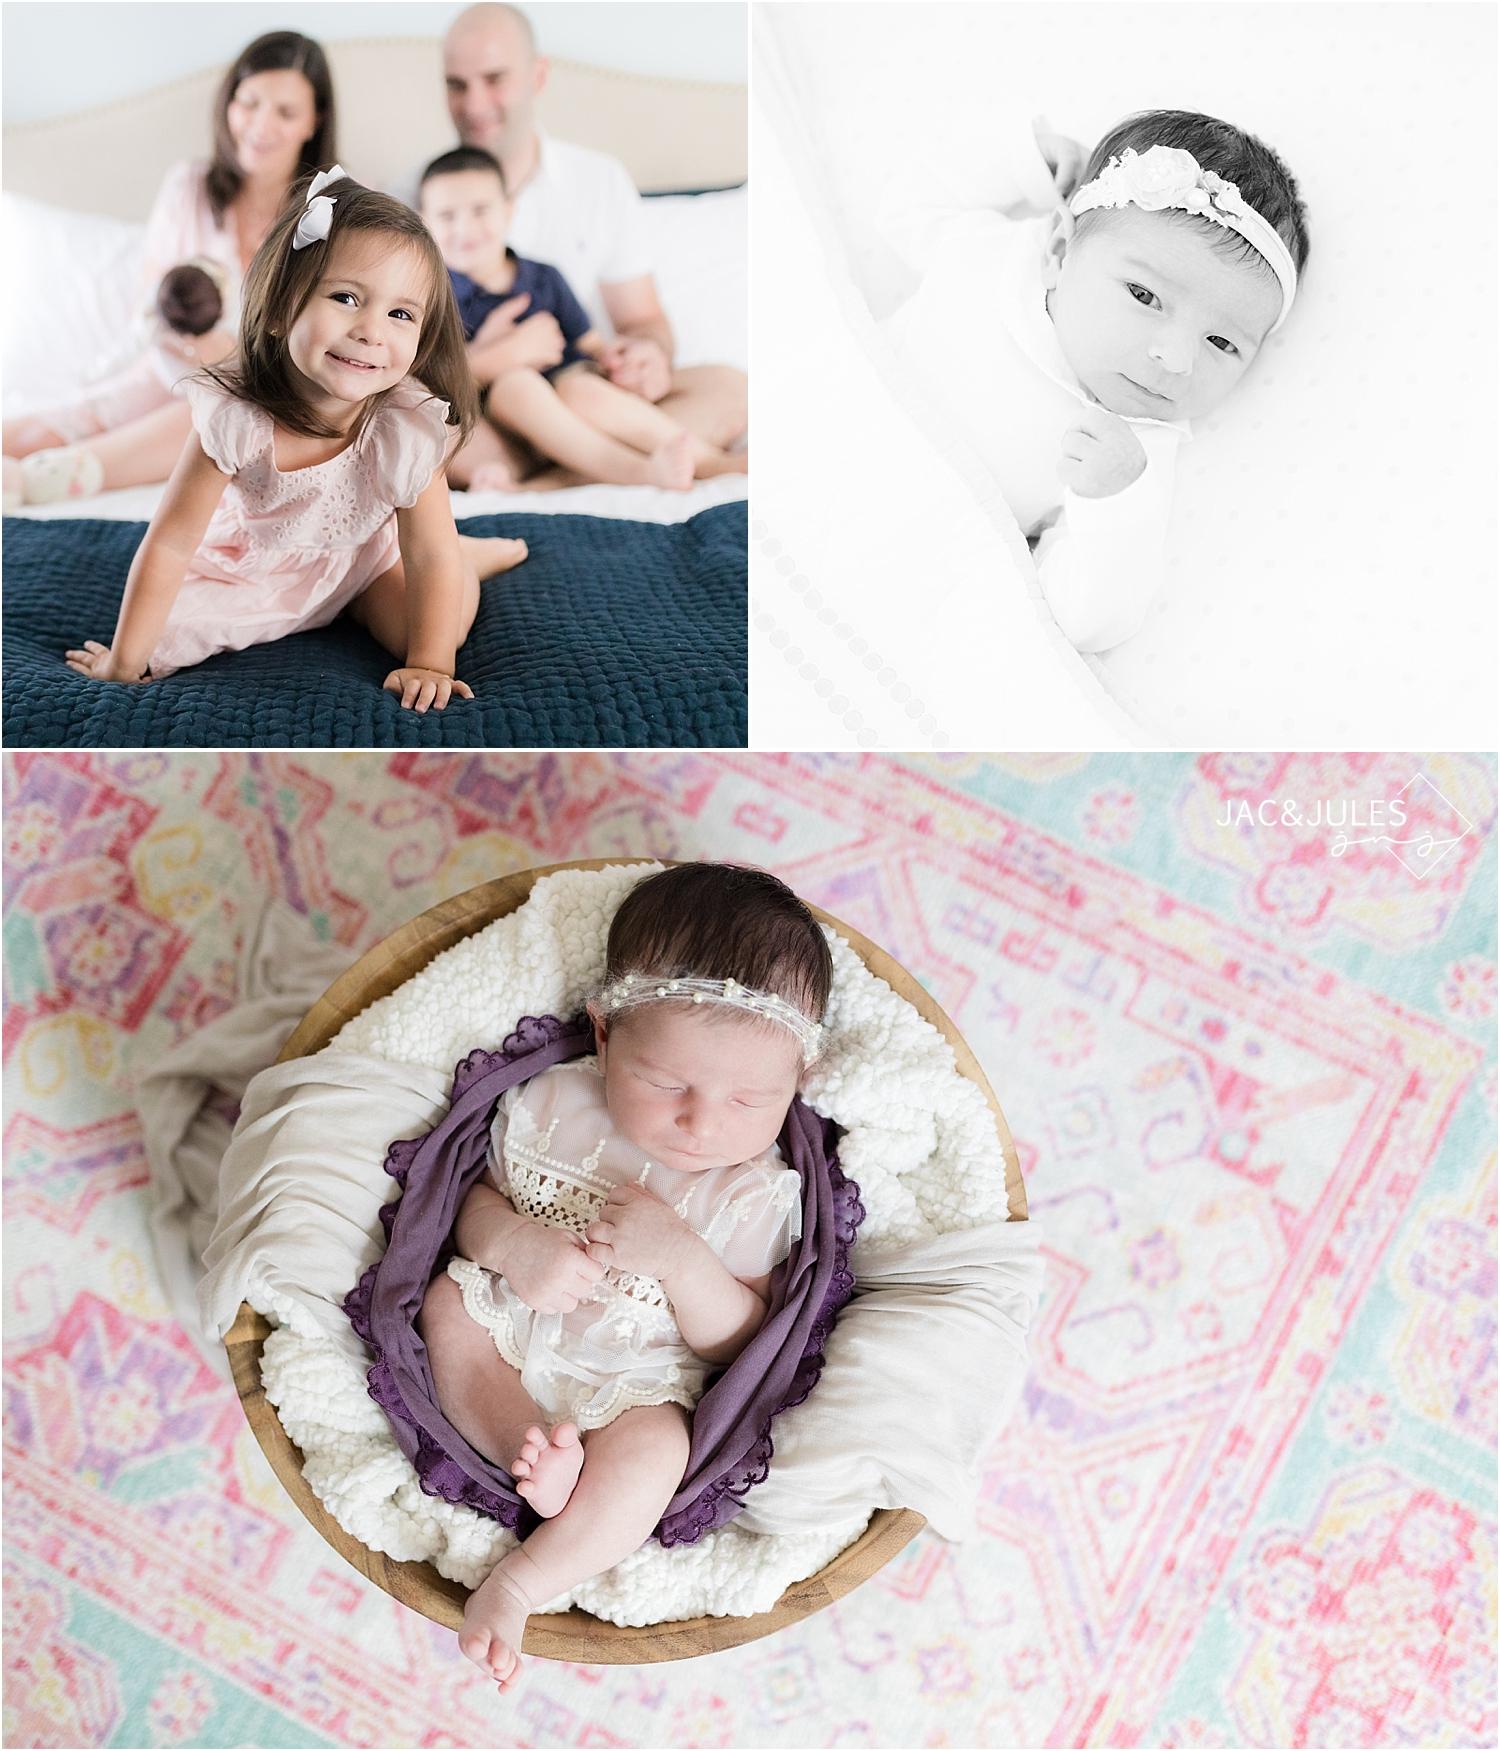 modern-newborn-photo-kearny-nj-home_0999.jpg